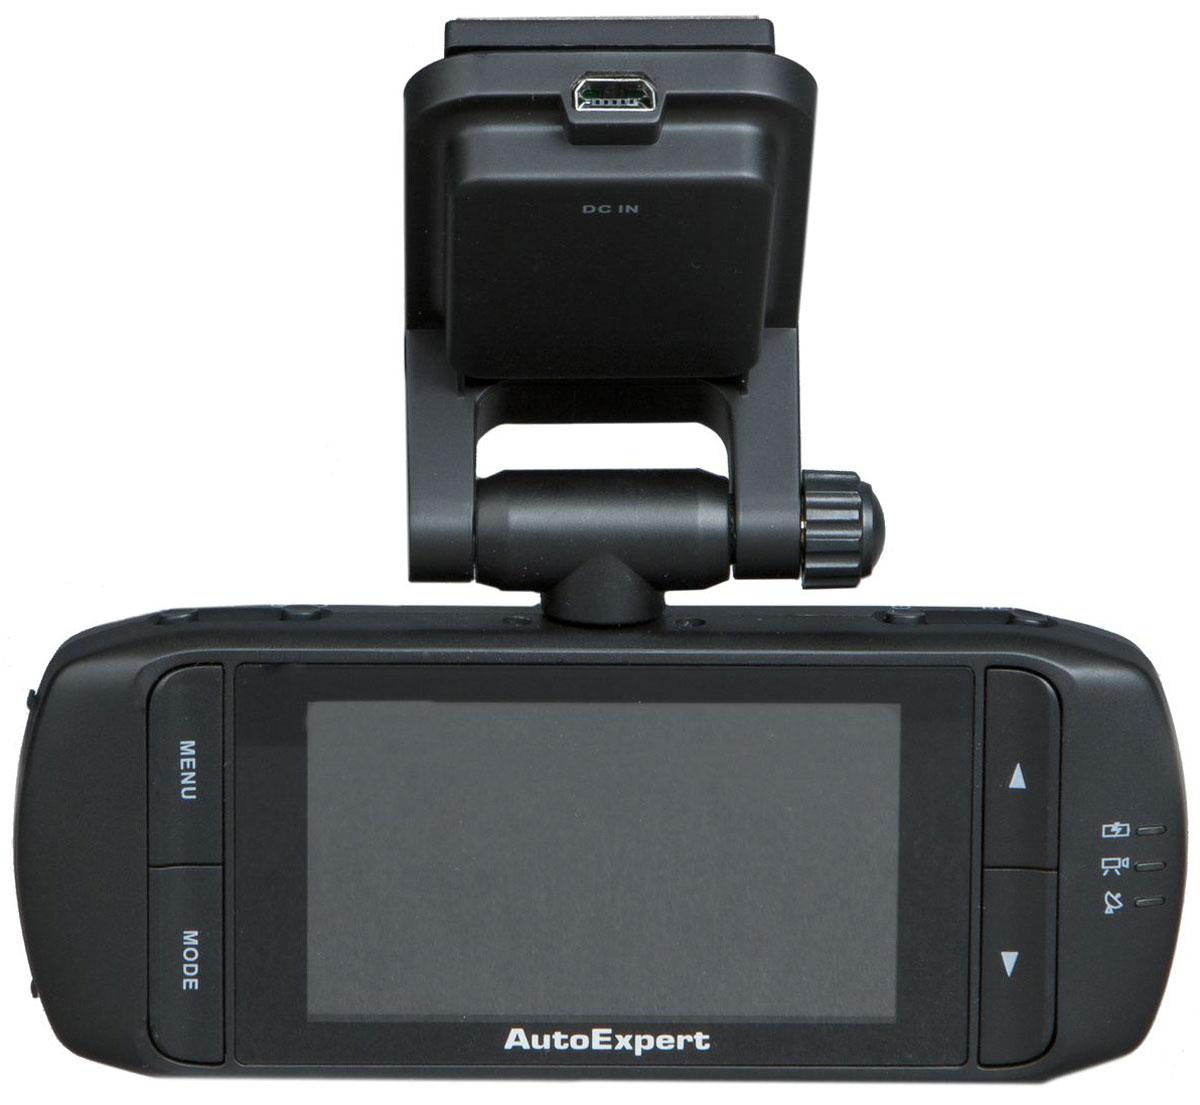 AutoExpert DVR 810, Black автомобильный видеорегистратор